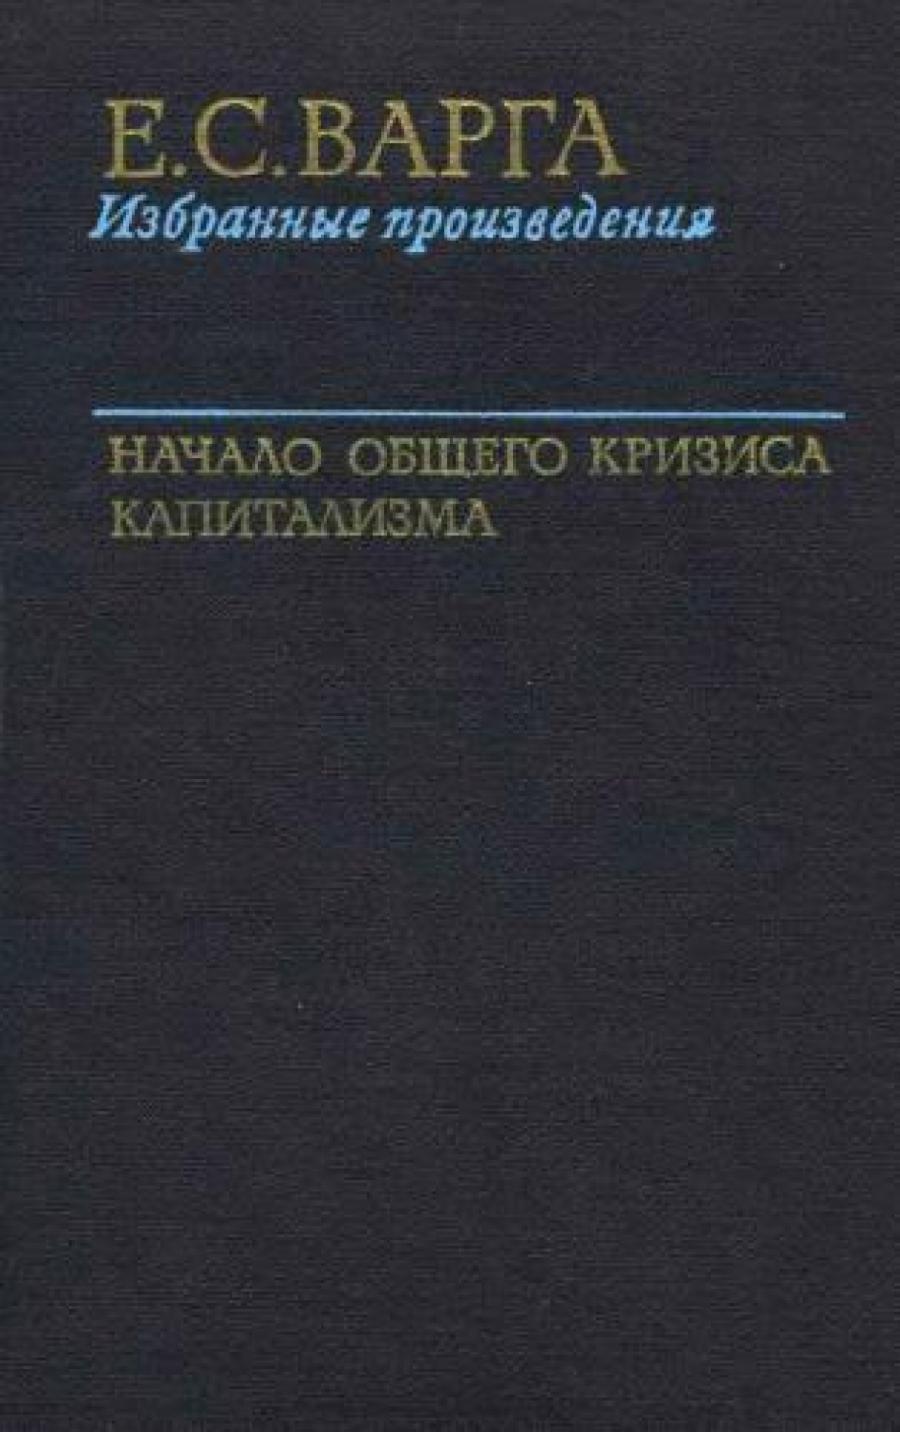 Обложка книги:  варга е.с. - избранные произведения. в 3-х кн